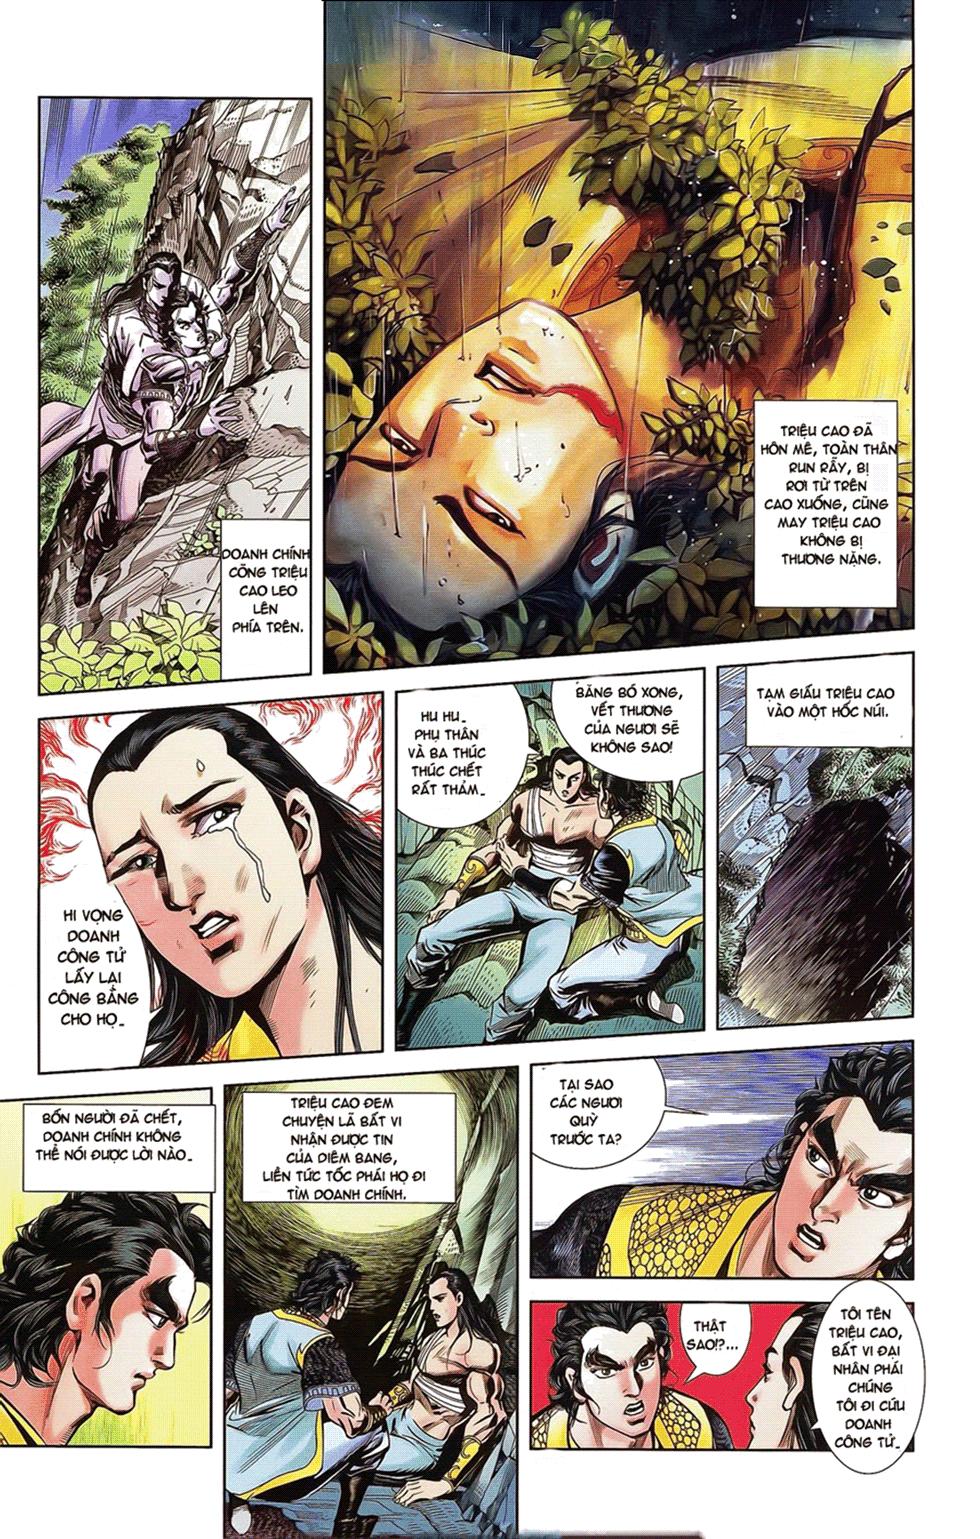 Tần Vương Doanh Chính chapter 18 trang 7